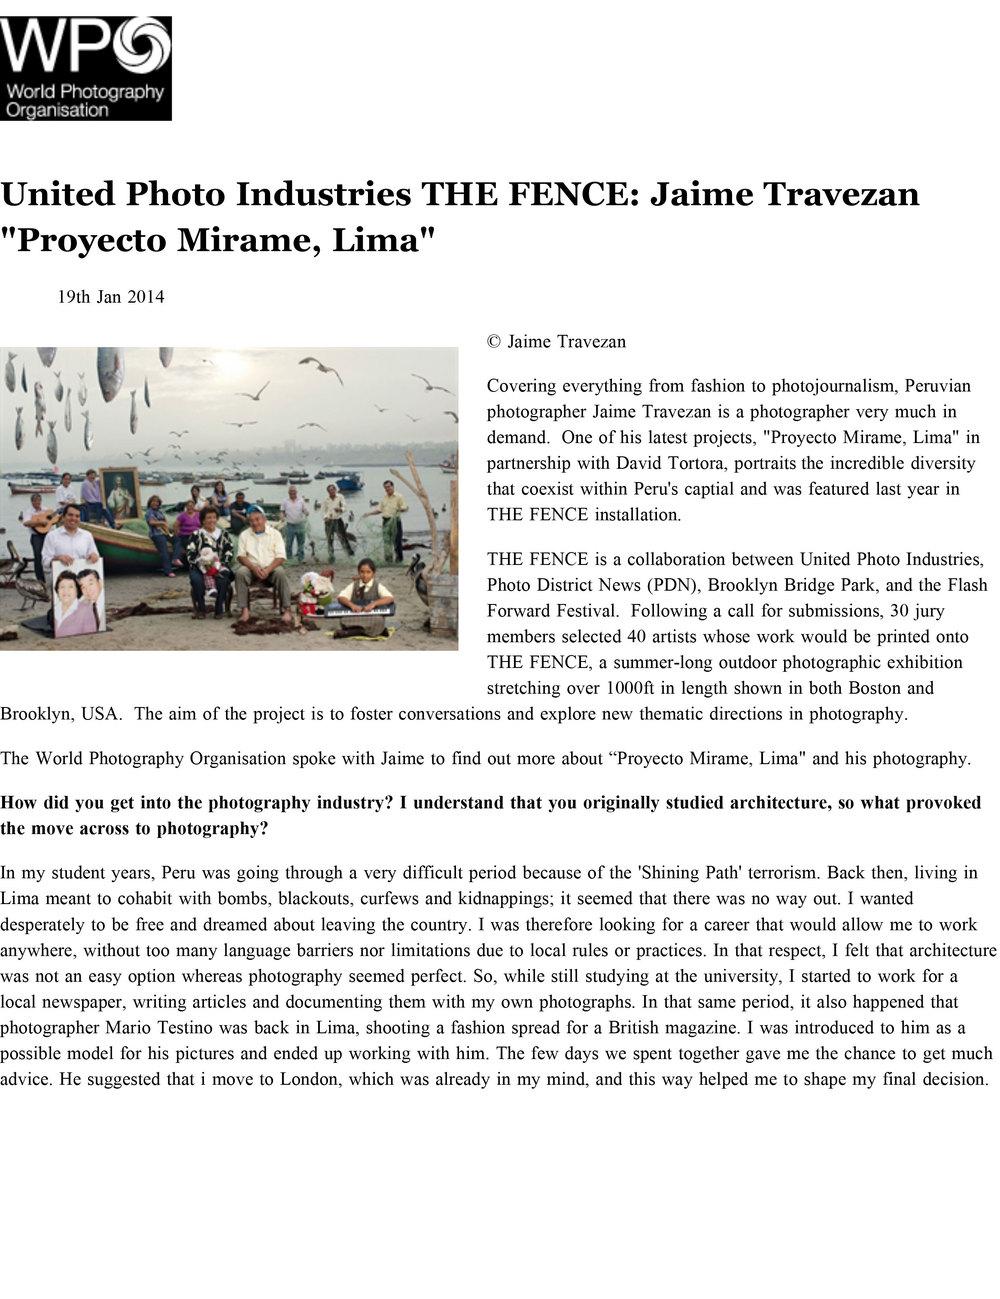 _Jaime-Travezan-'Proyecto-Mirame,-Lima'-1.jpg